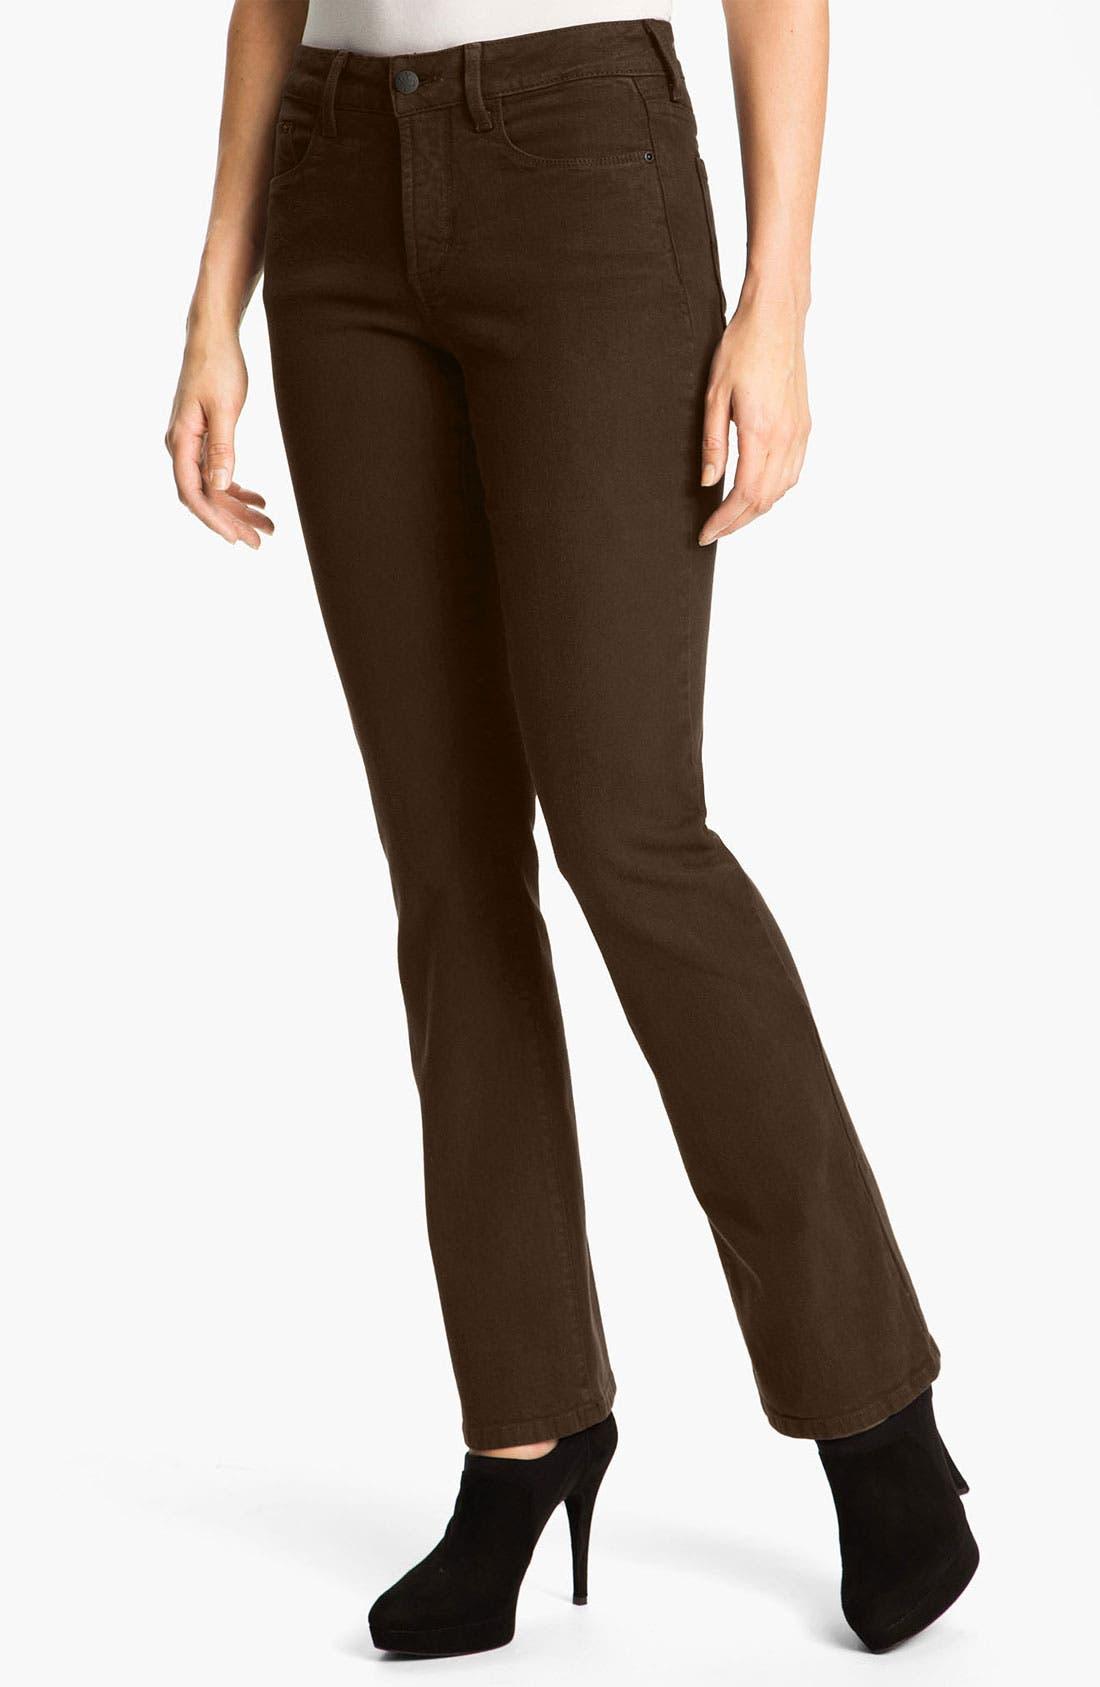 Alternate Image 1 Selected - NYDJ 'Barbara' Colored Denim Bootcut Jeans (Petite)